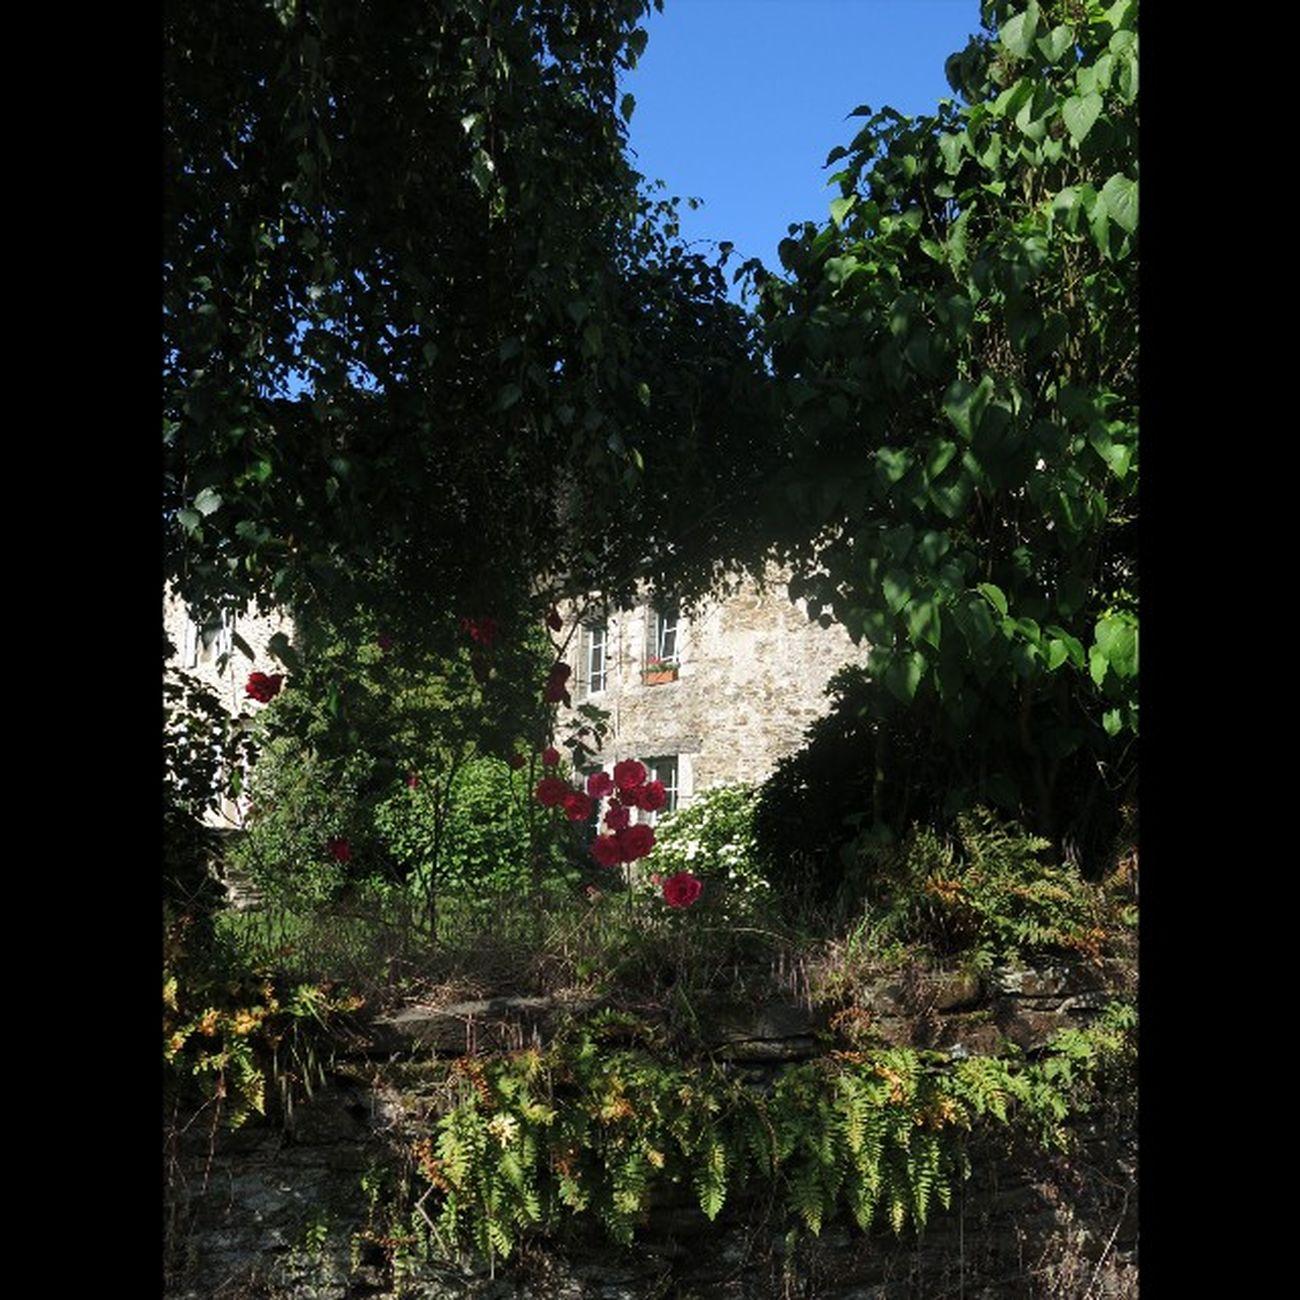 Une Maison du Vieuxbourg de Taupont (Juin 2014 ) A House in the Oldtown of Taupont (June 2014) Morbihan Miamorbihan Bretagne Breizh Fansdebretagne Jaimelabretagne Bretagnetourisme Latergram Architecture Plants Plantes Flowers Fleurs Arbres Trees Coeur  Heart